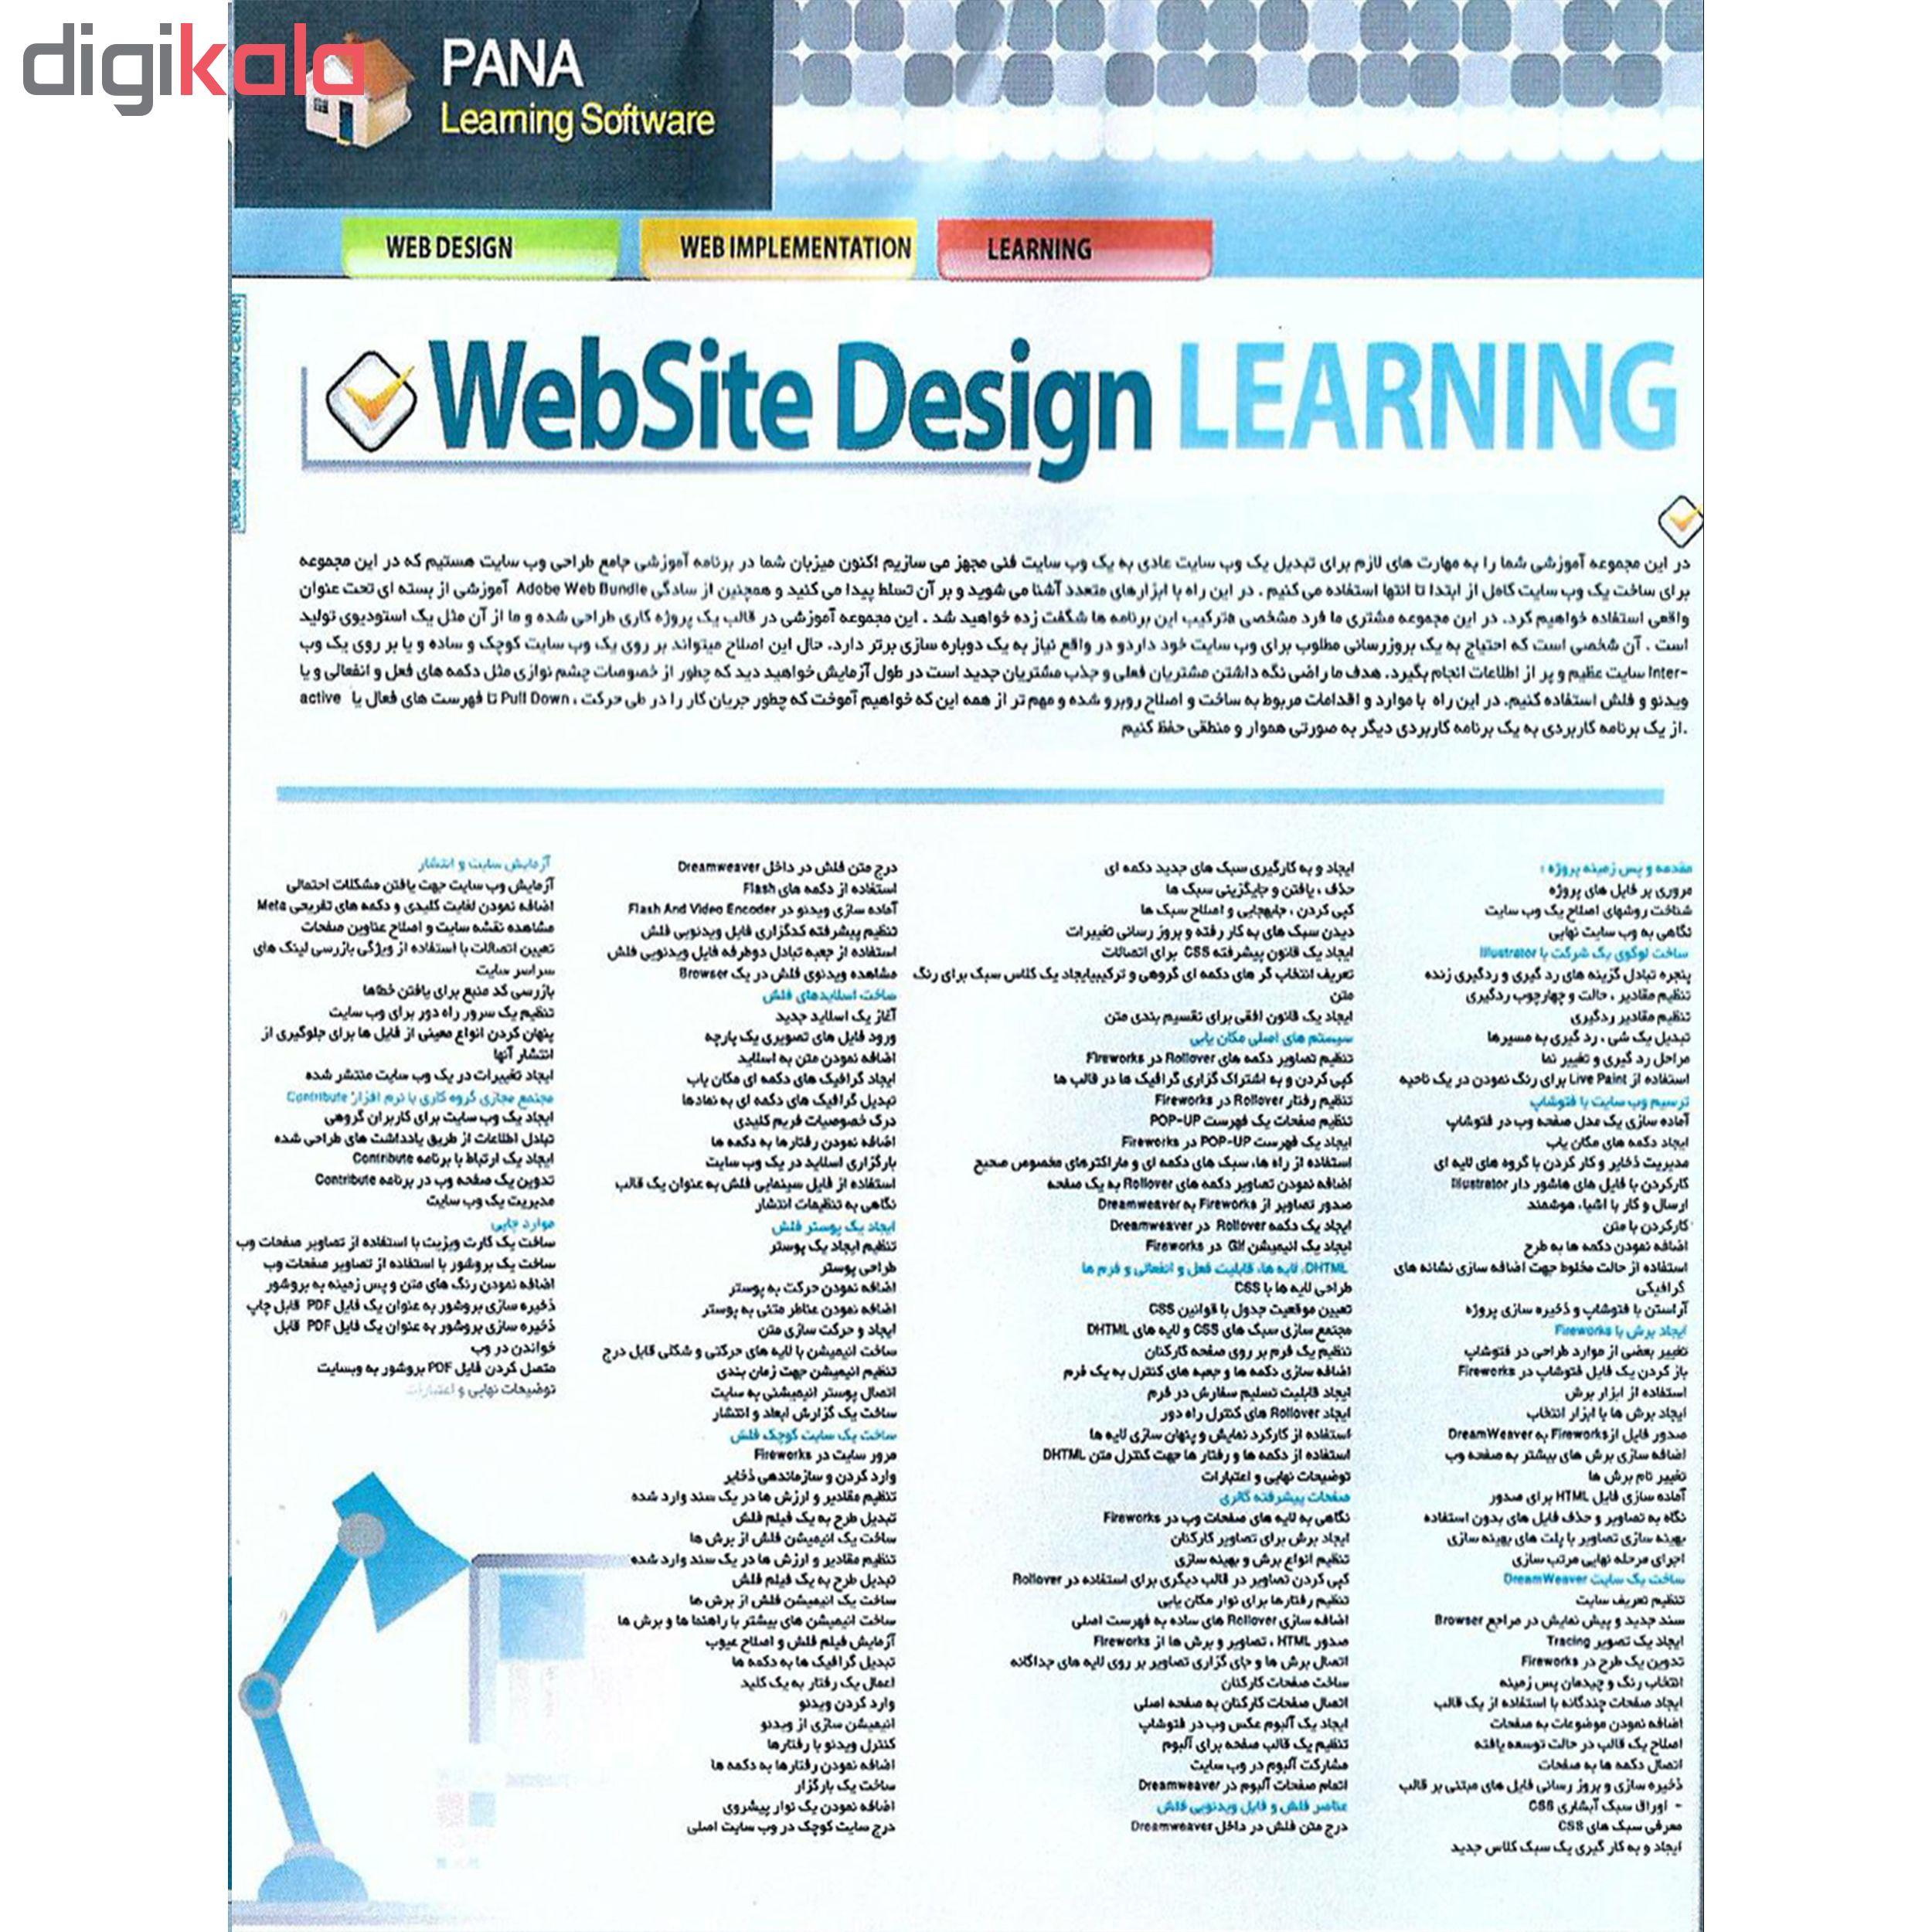 نرم افزار آموزش طراحی و راه اندازی وب سایت نشر پانا به همراه پروژه های آماده وب سایت نشر پدیده